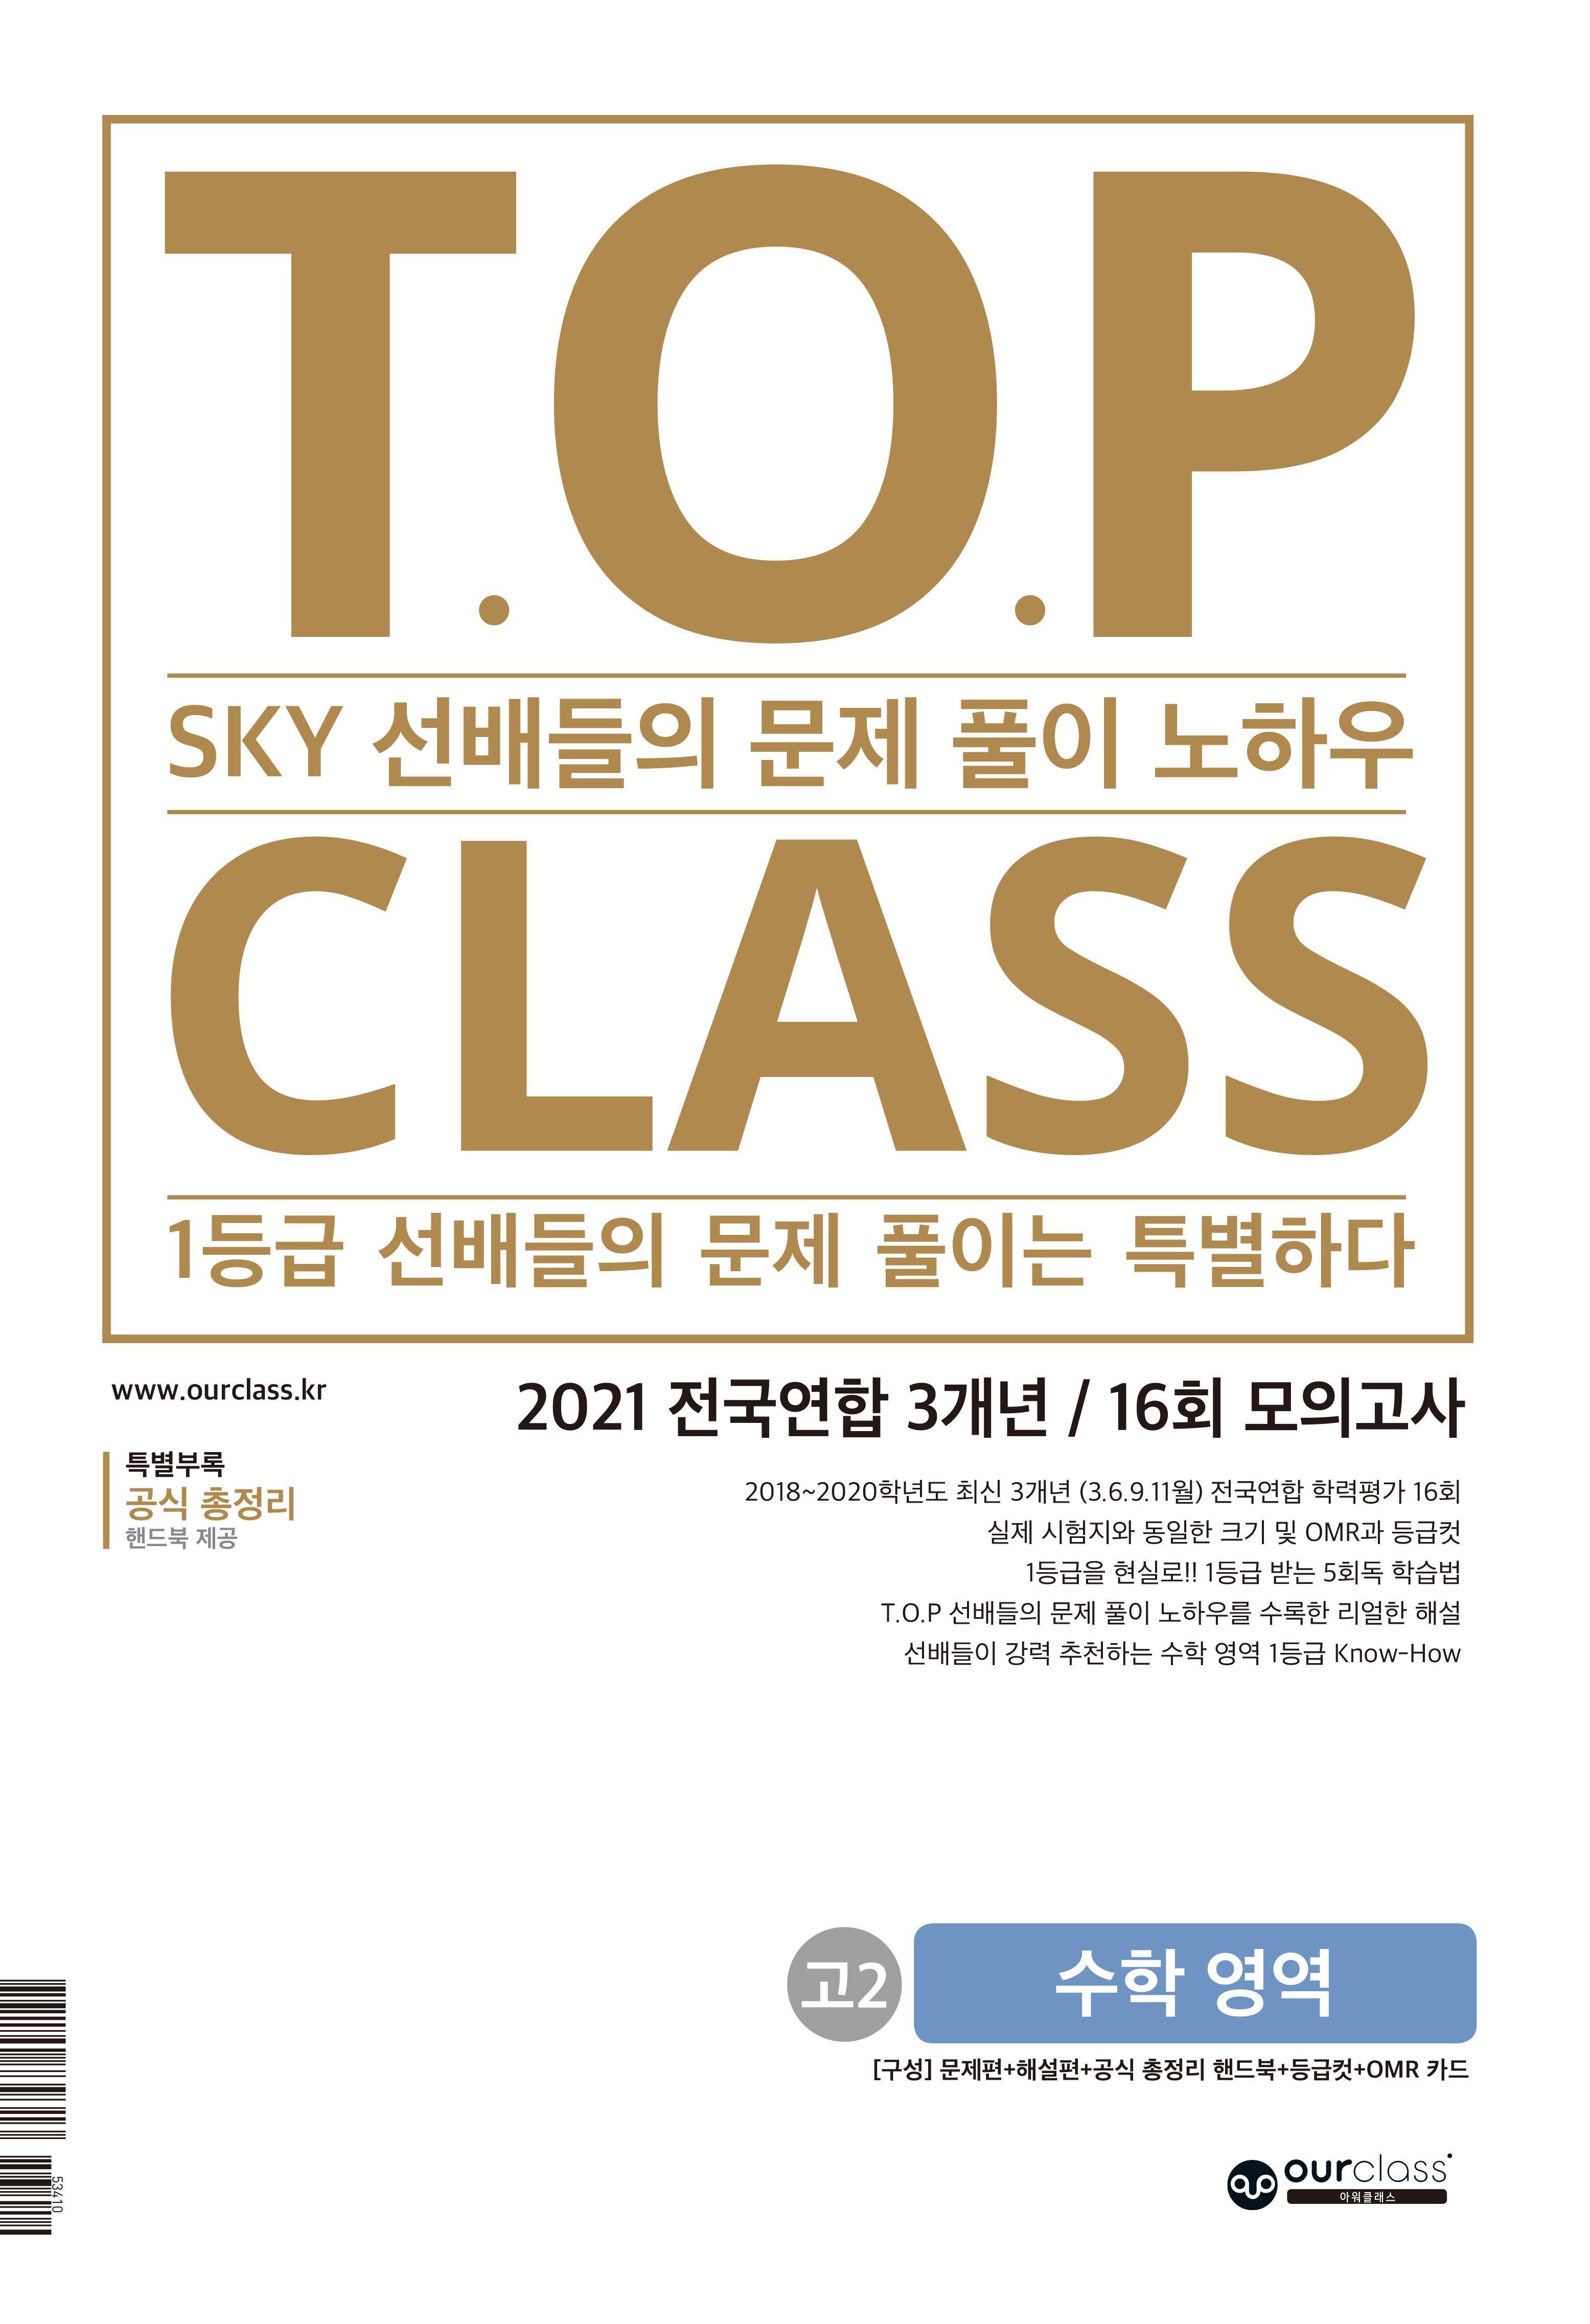 [고2 수학 영역]T.O.P CLASS : SKY 선배들의 문제 풀이 노하우